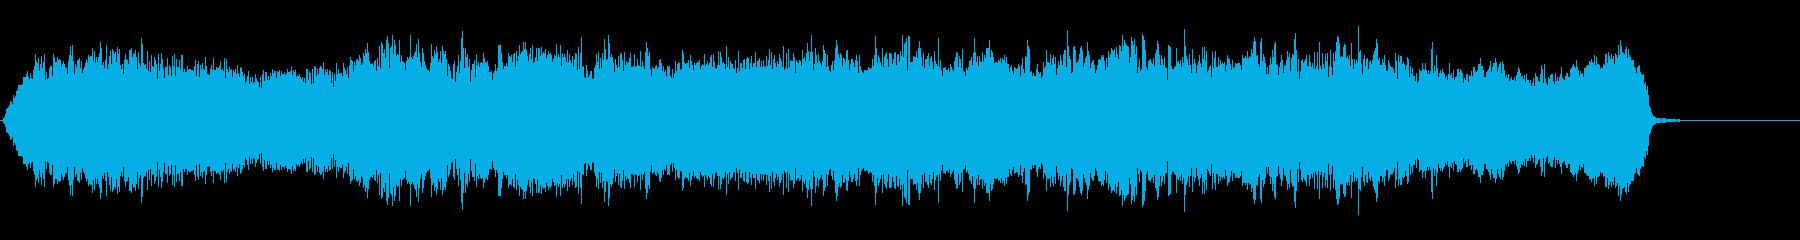 ハーディ・ガーディ:音楽的アクセン...の再生済みの波形